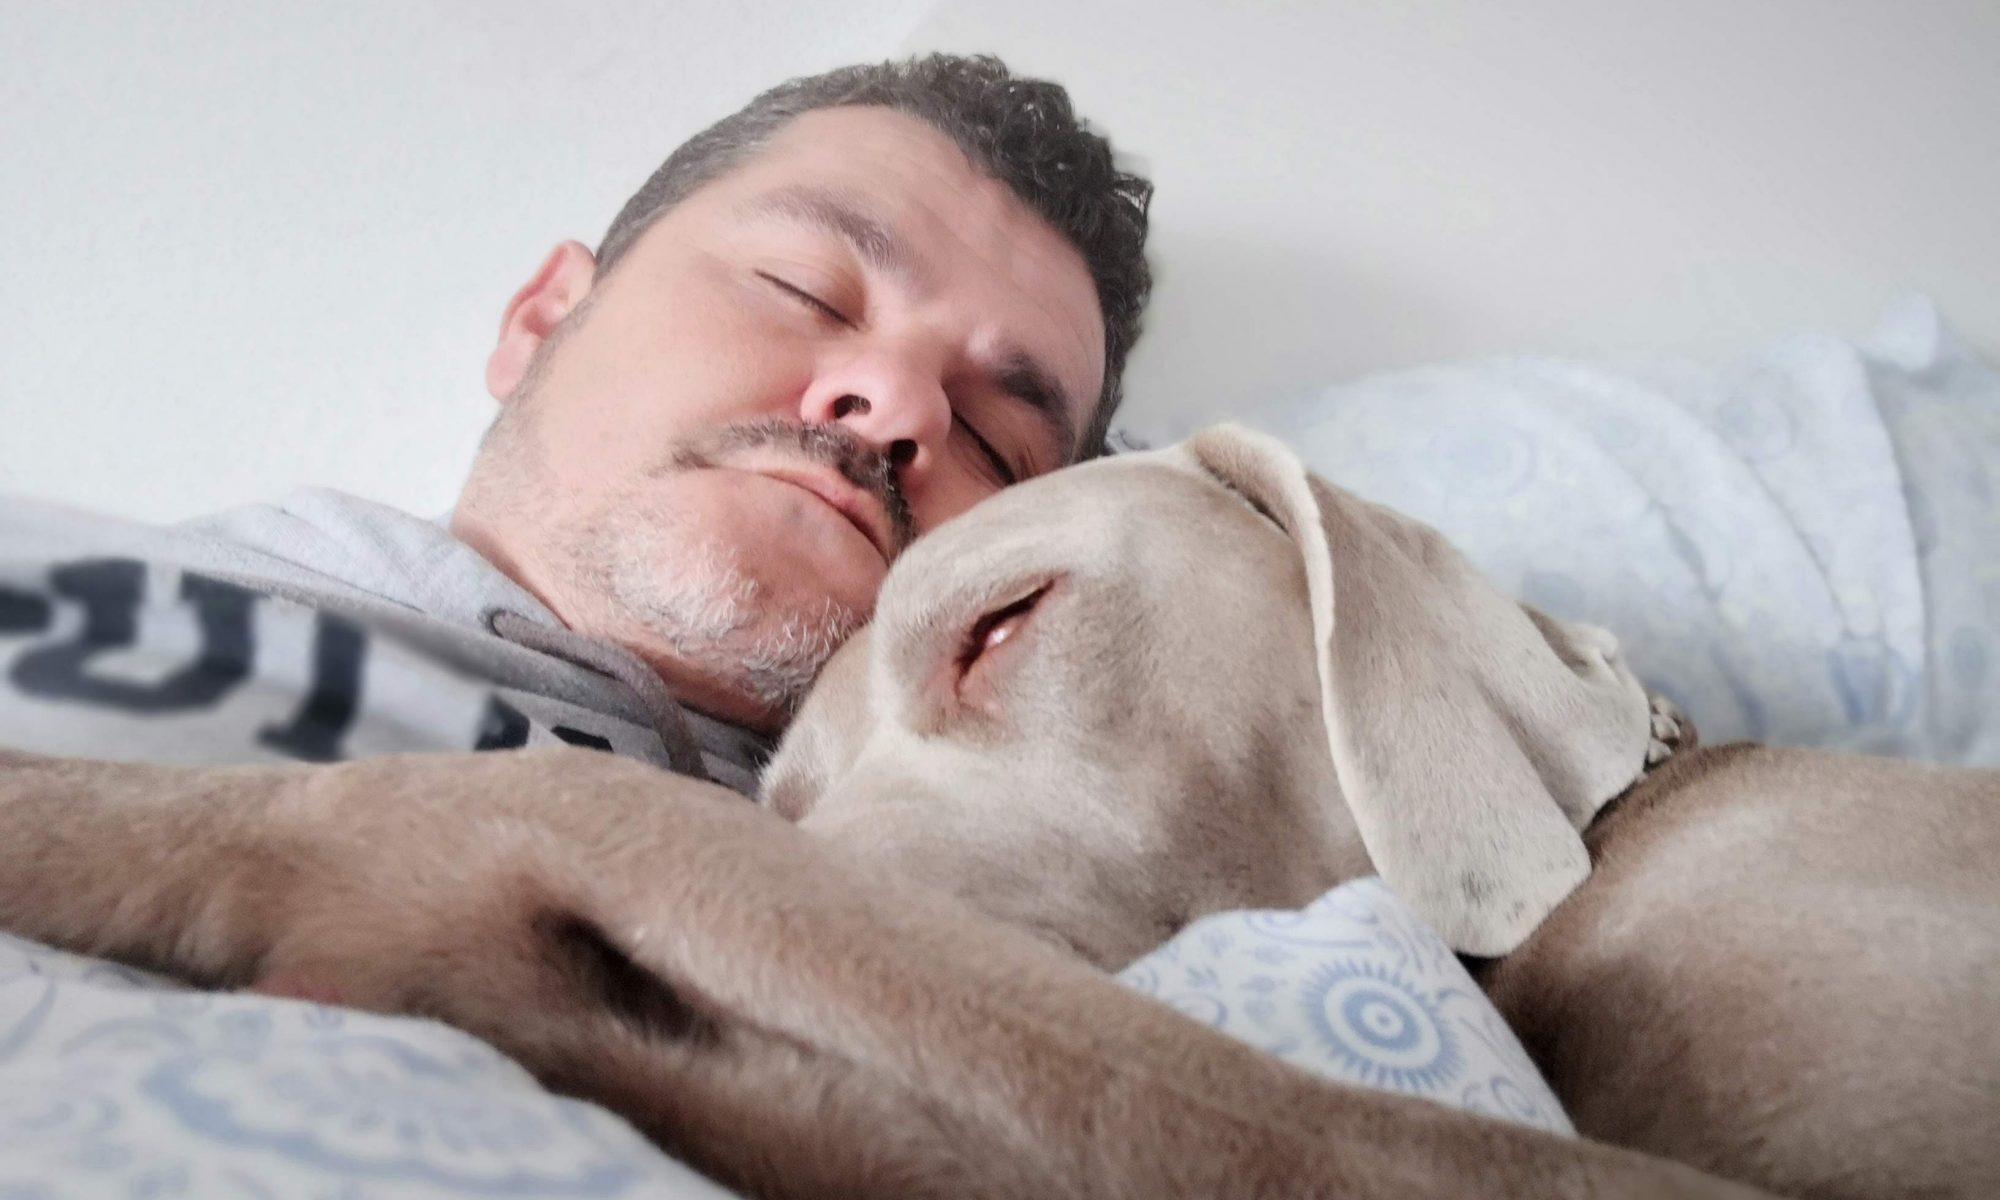 Mies nukkuu vaalea koira kainalossaan.